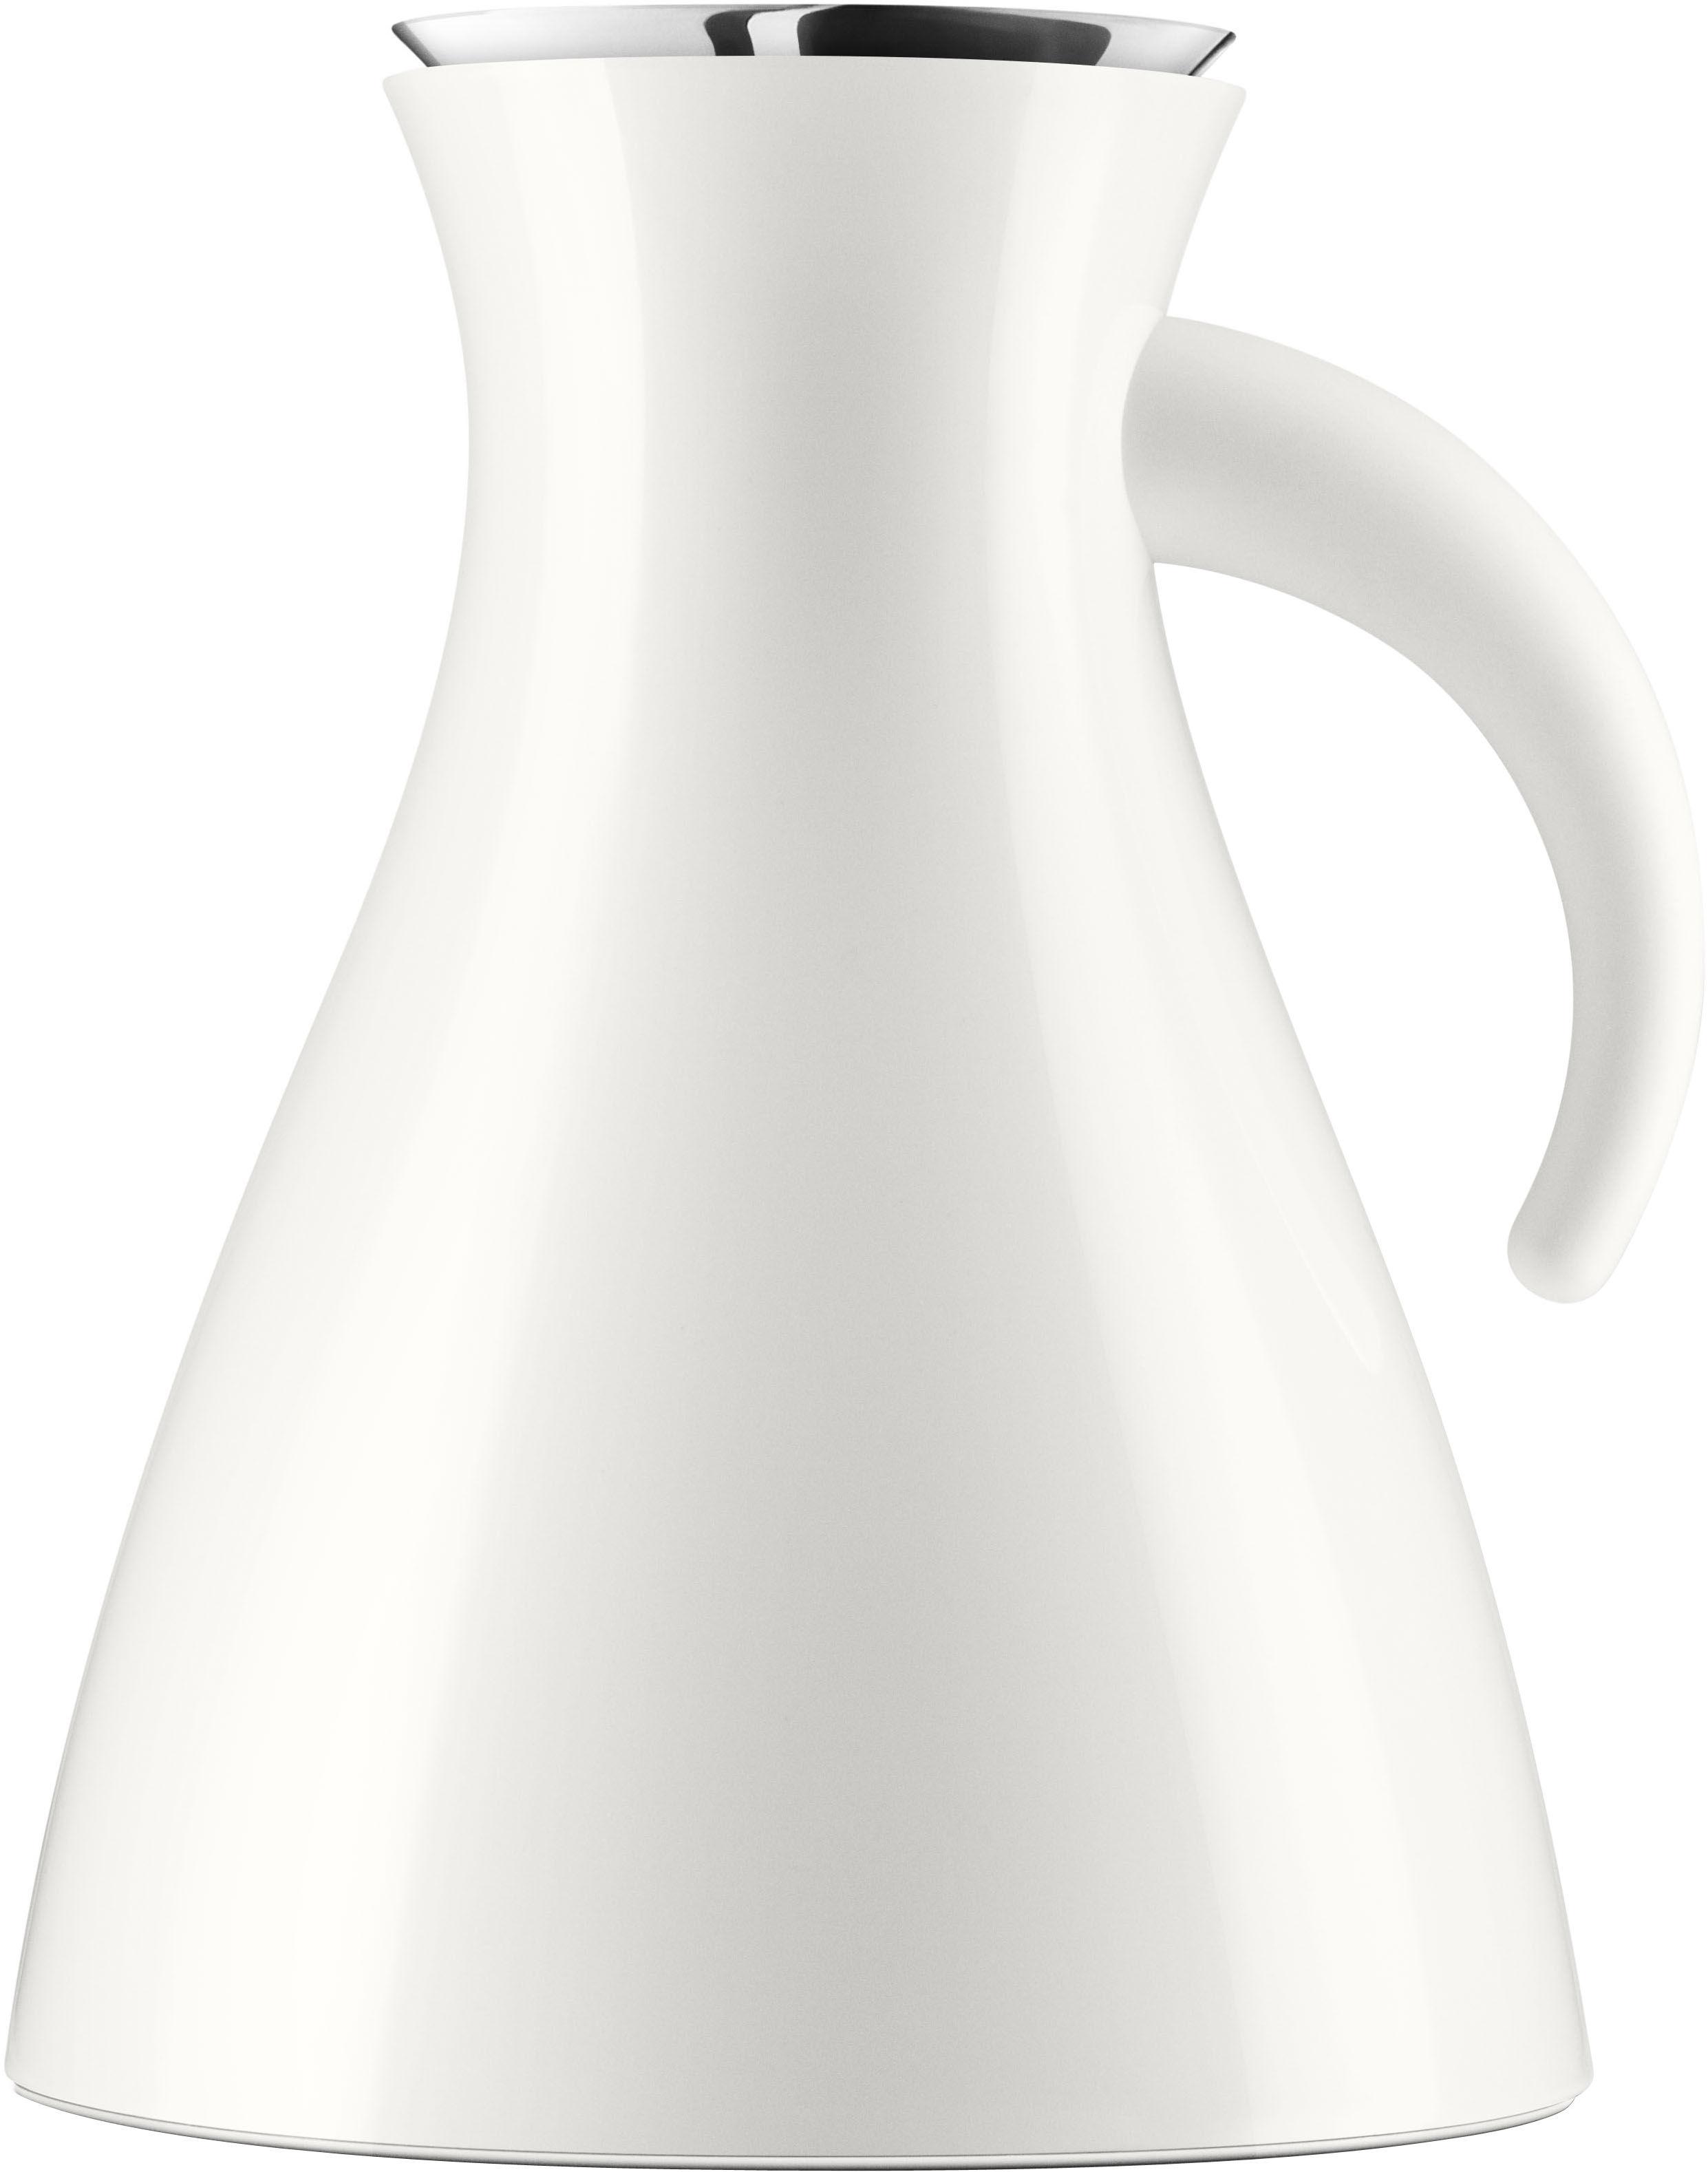 Arts de la table - Thé et café - Pichet isotherme 1 L / Ø 17,9 x H 21,5 cm - Eva Solo - Blanc - ABS, Silicone, Verre